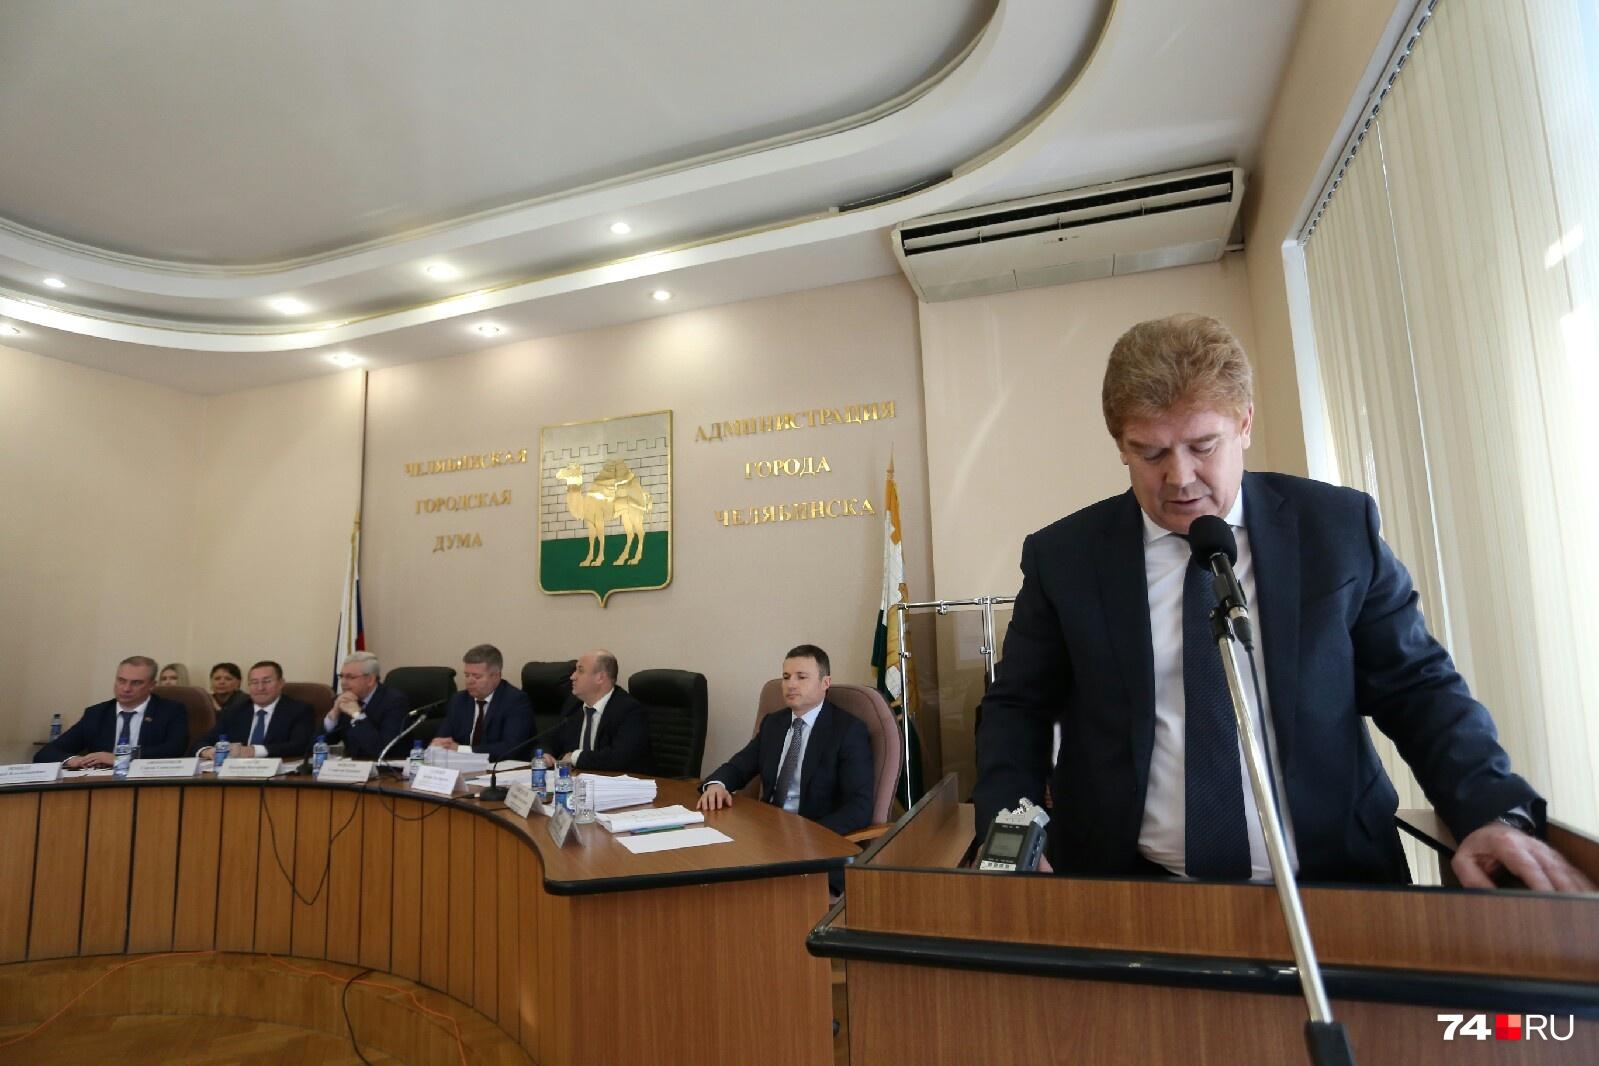 Свою речь Владимир Елистратов читал по бумажке